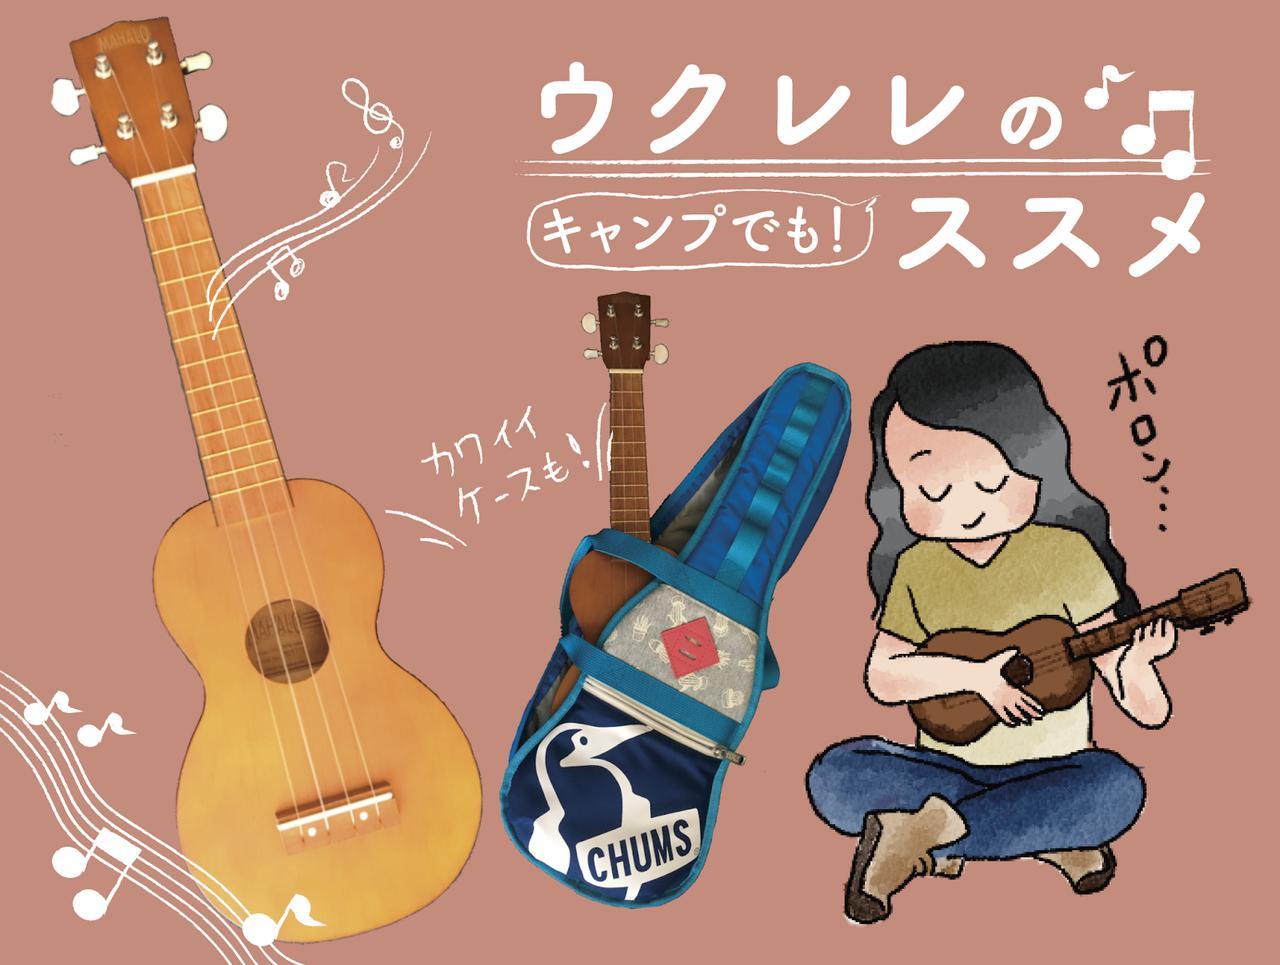 画像: ウクレレは値段も手頃で初心者にもおすすめな楽器! おうち時間に練習してキャンプで楽しもう